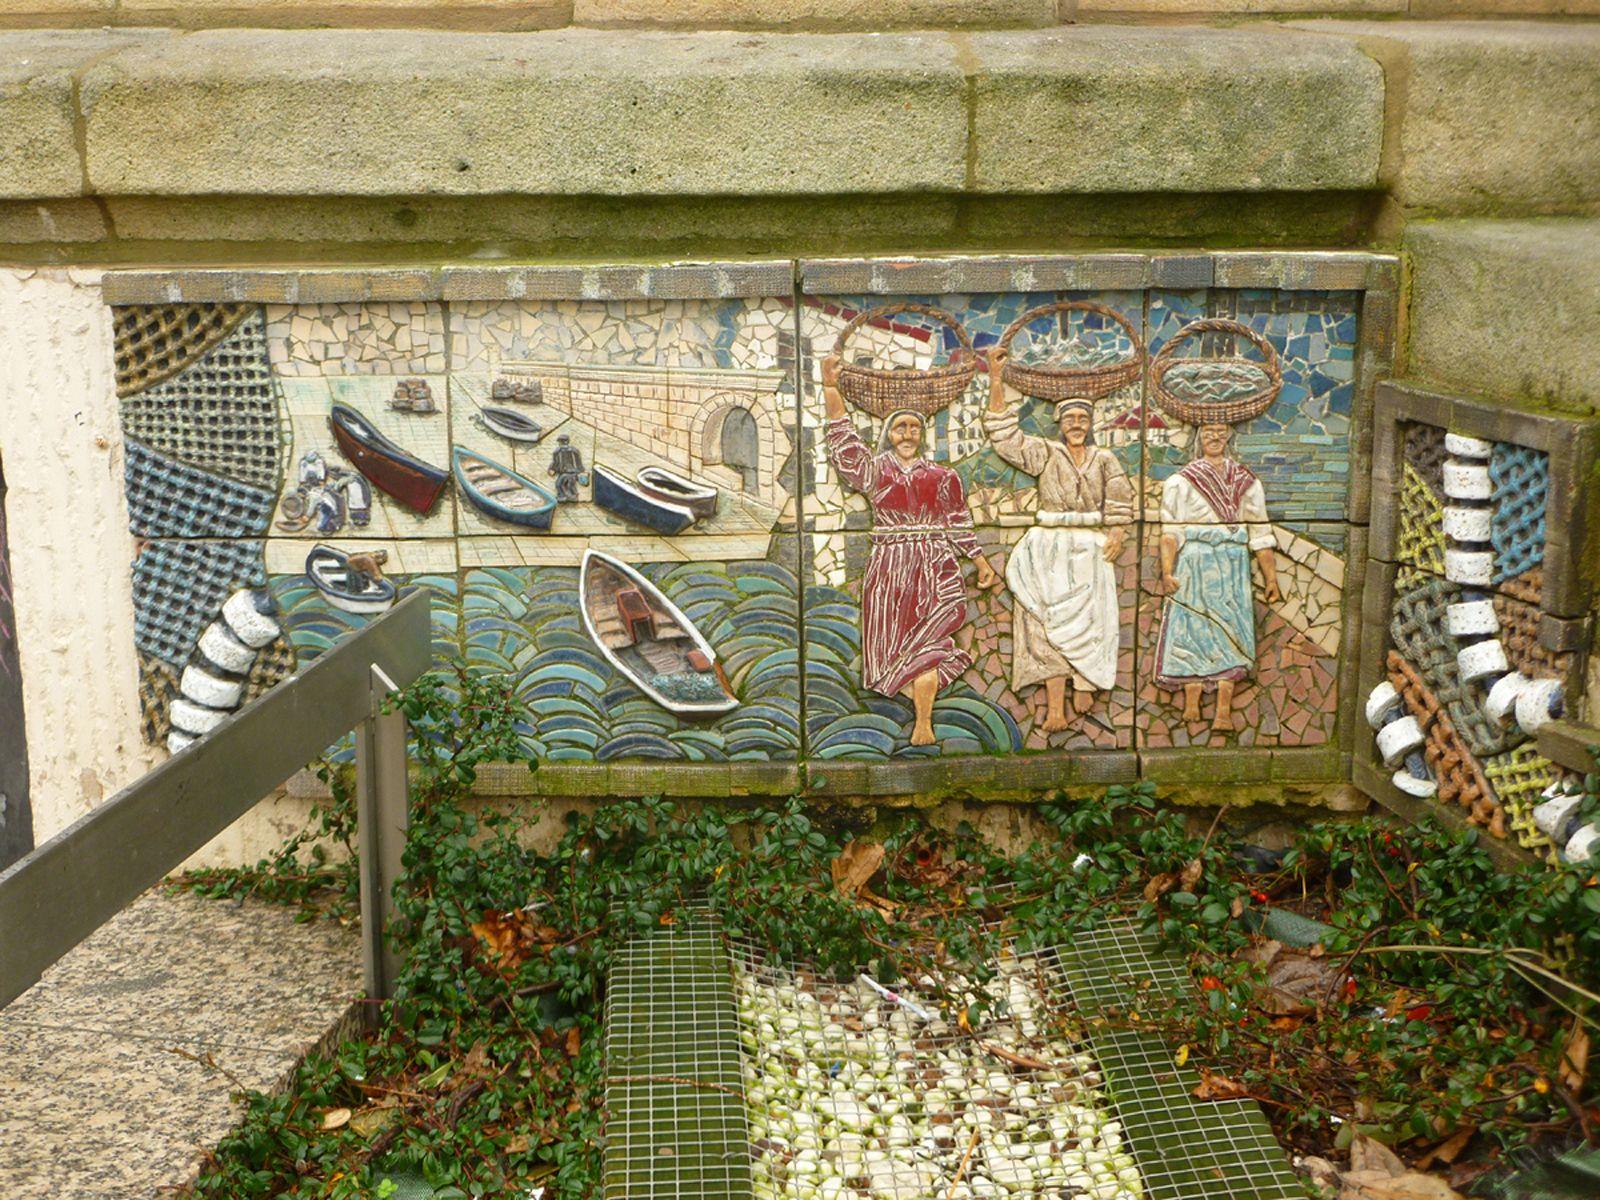 """""""LA SARDINERA"""". Mosaico rectangular en tesela cerámica modelado, en relieve,  por Paco Presa Merodio (Torrelavega, 1961 -). Instalado en 2007, fue realizado  en pasta de loza y arcilla roja y decorado con esmaltes y engobes coloreados, cocidos a 1050-1100º C. Rememora a la popular figura de la sardinera, representando: una vista de la rampa de los hombres en el puerto pesquero y tres sardineras descalzas con sus cestas a la cabeza, caminando por toda la orilla, como dice la canción."""